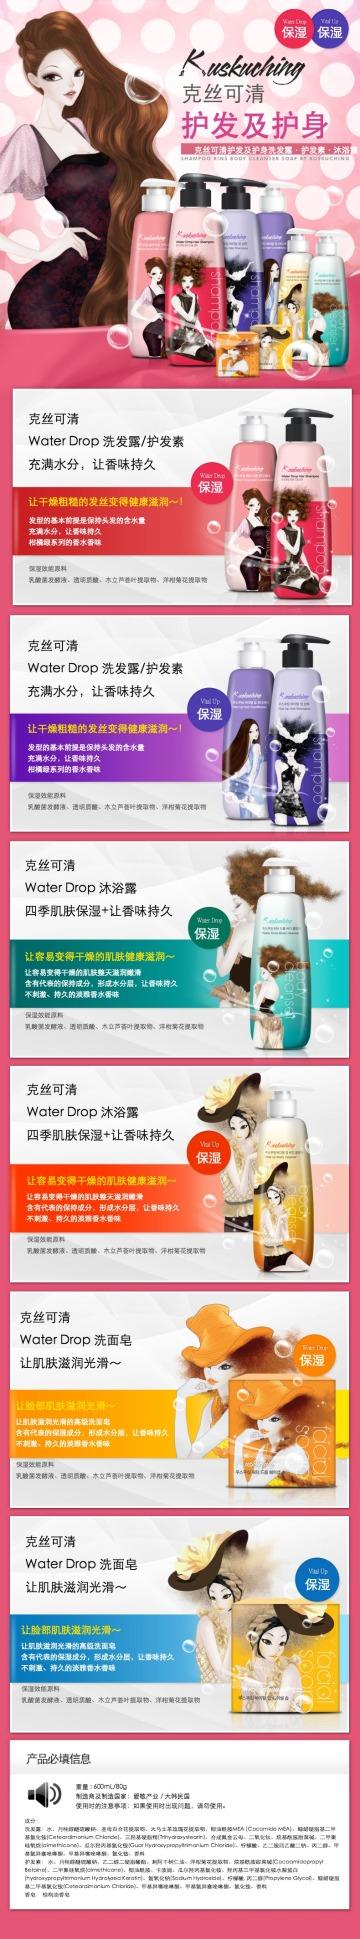 卡通活泼护发护肤洗护系列产品电商详情图